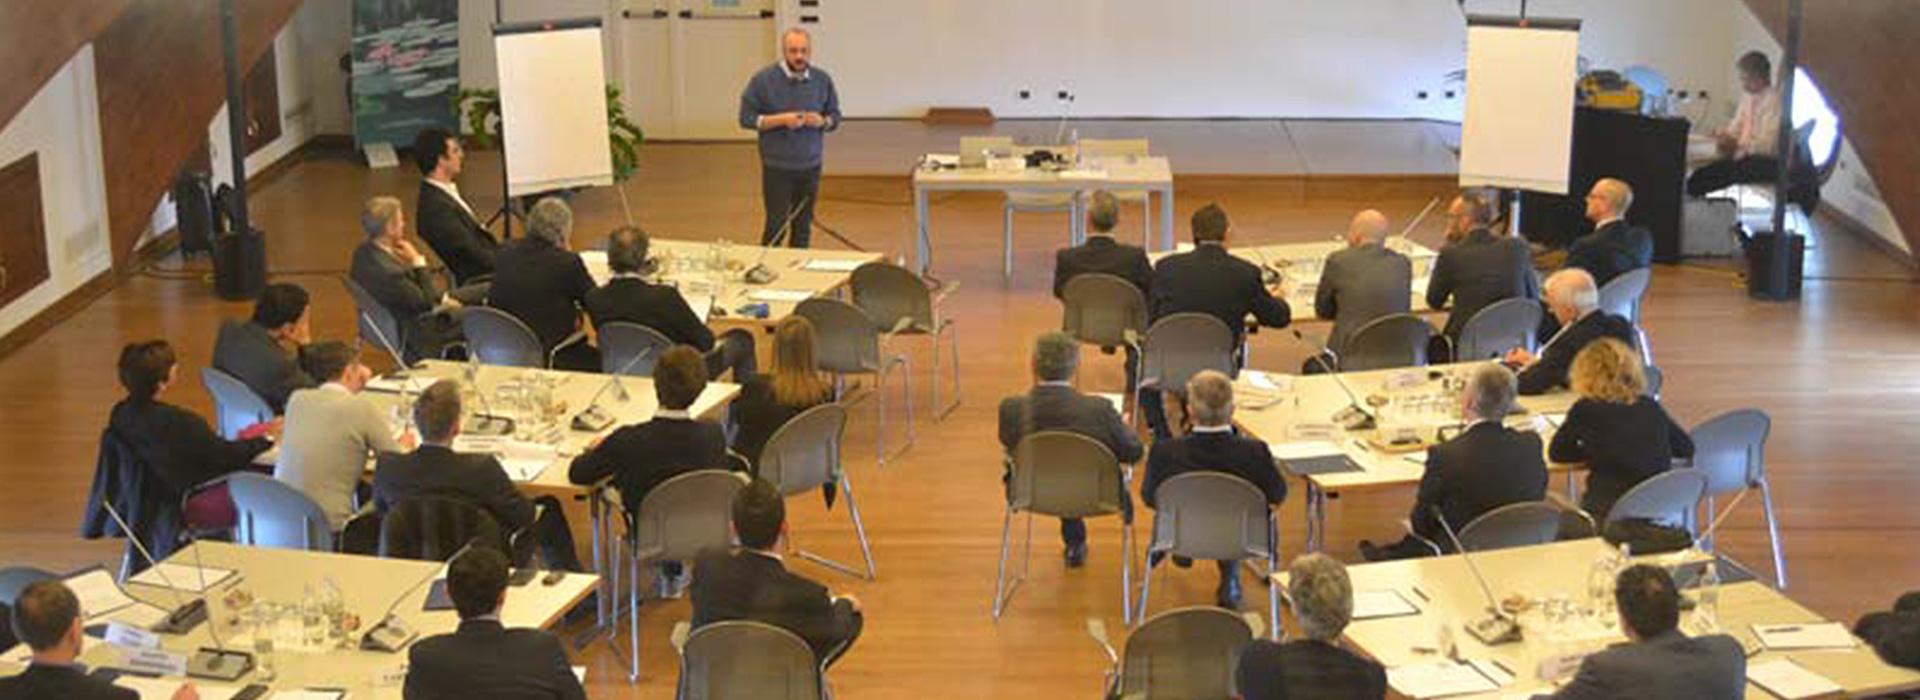 sala per conferenza a Padova